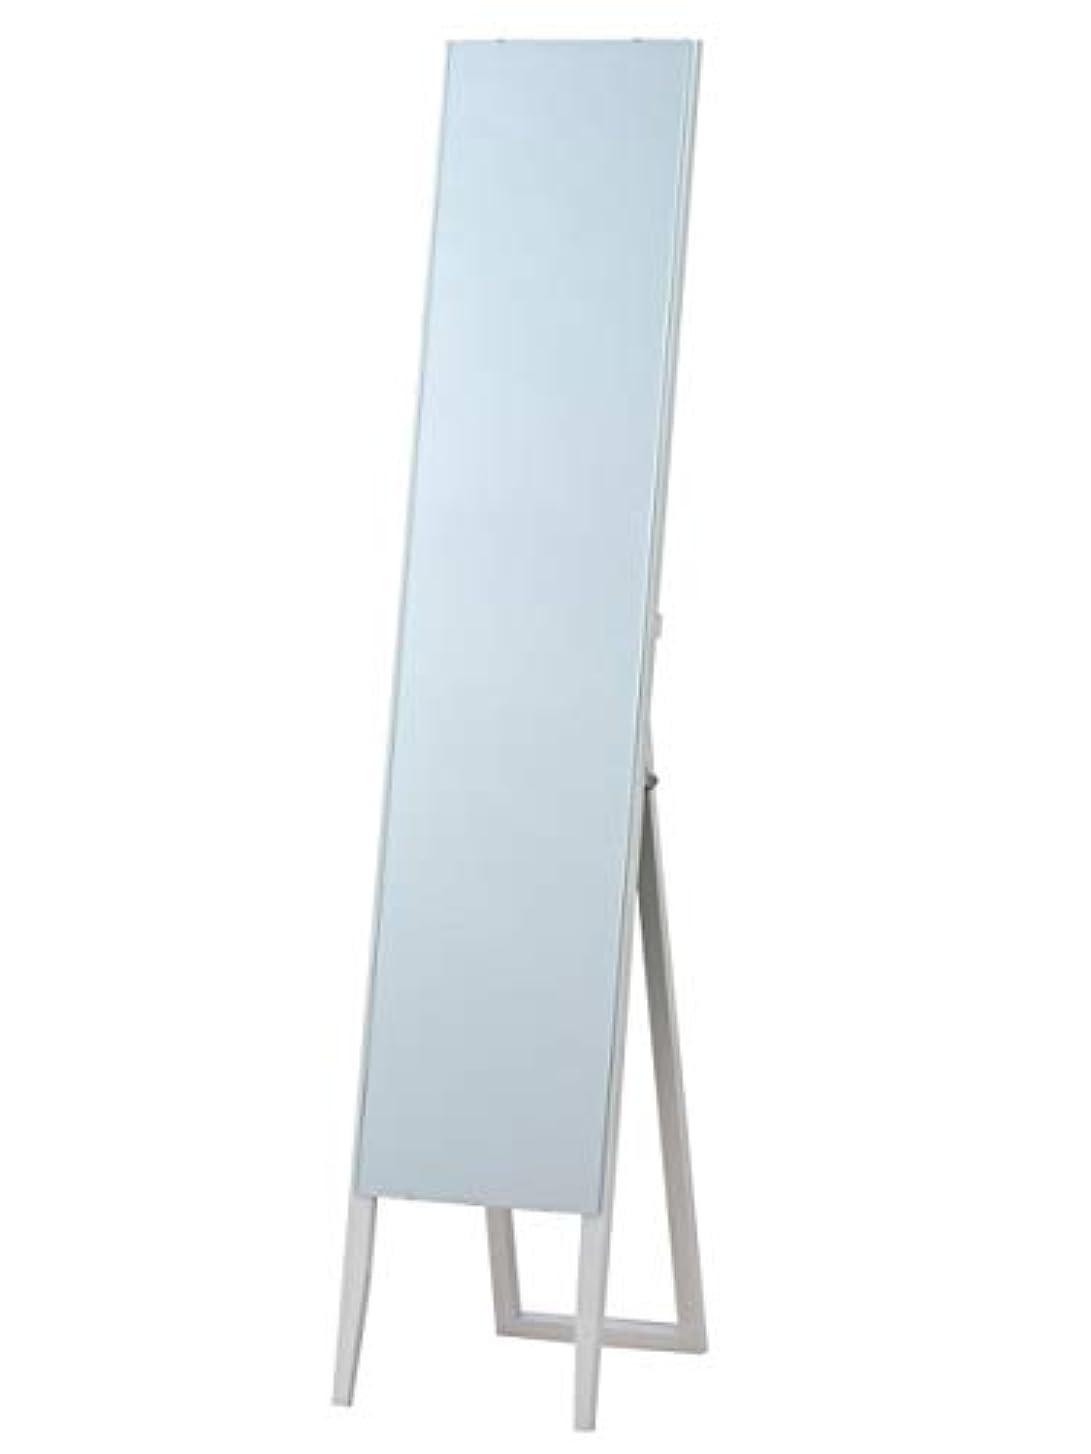 強い構造的製作枠なし ノンフレーム スタンドミラー ホワイト(白) 全身鏡 幅30cm x 高さ150cm 飛散防止 シンプル ミラー ショップ 催事 百貨店 店舗 姿見